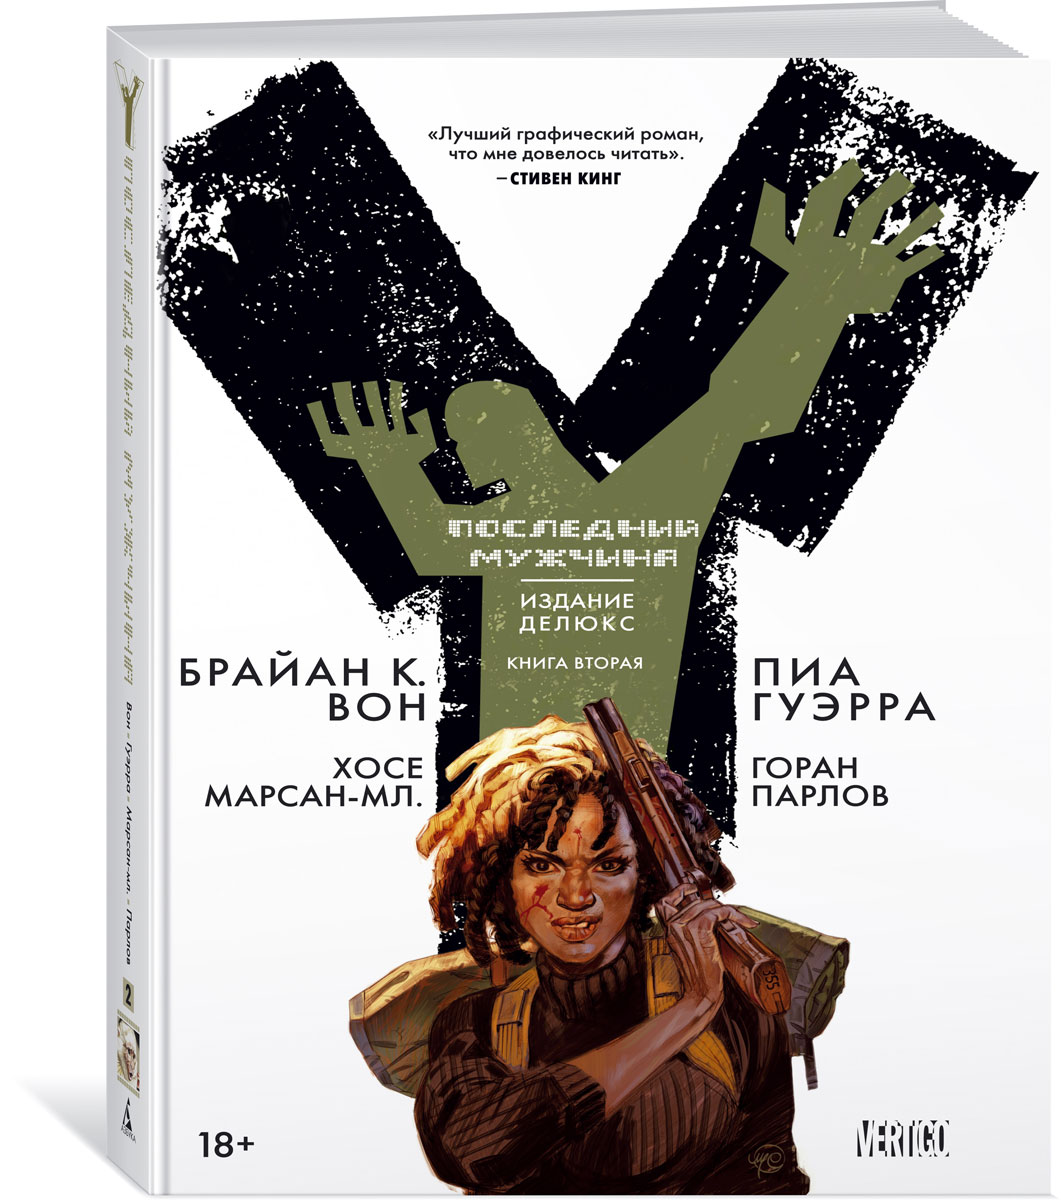 Вон Брайан К. Y. Последний мужчина. Книга 2